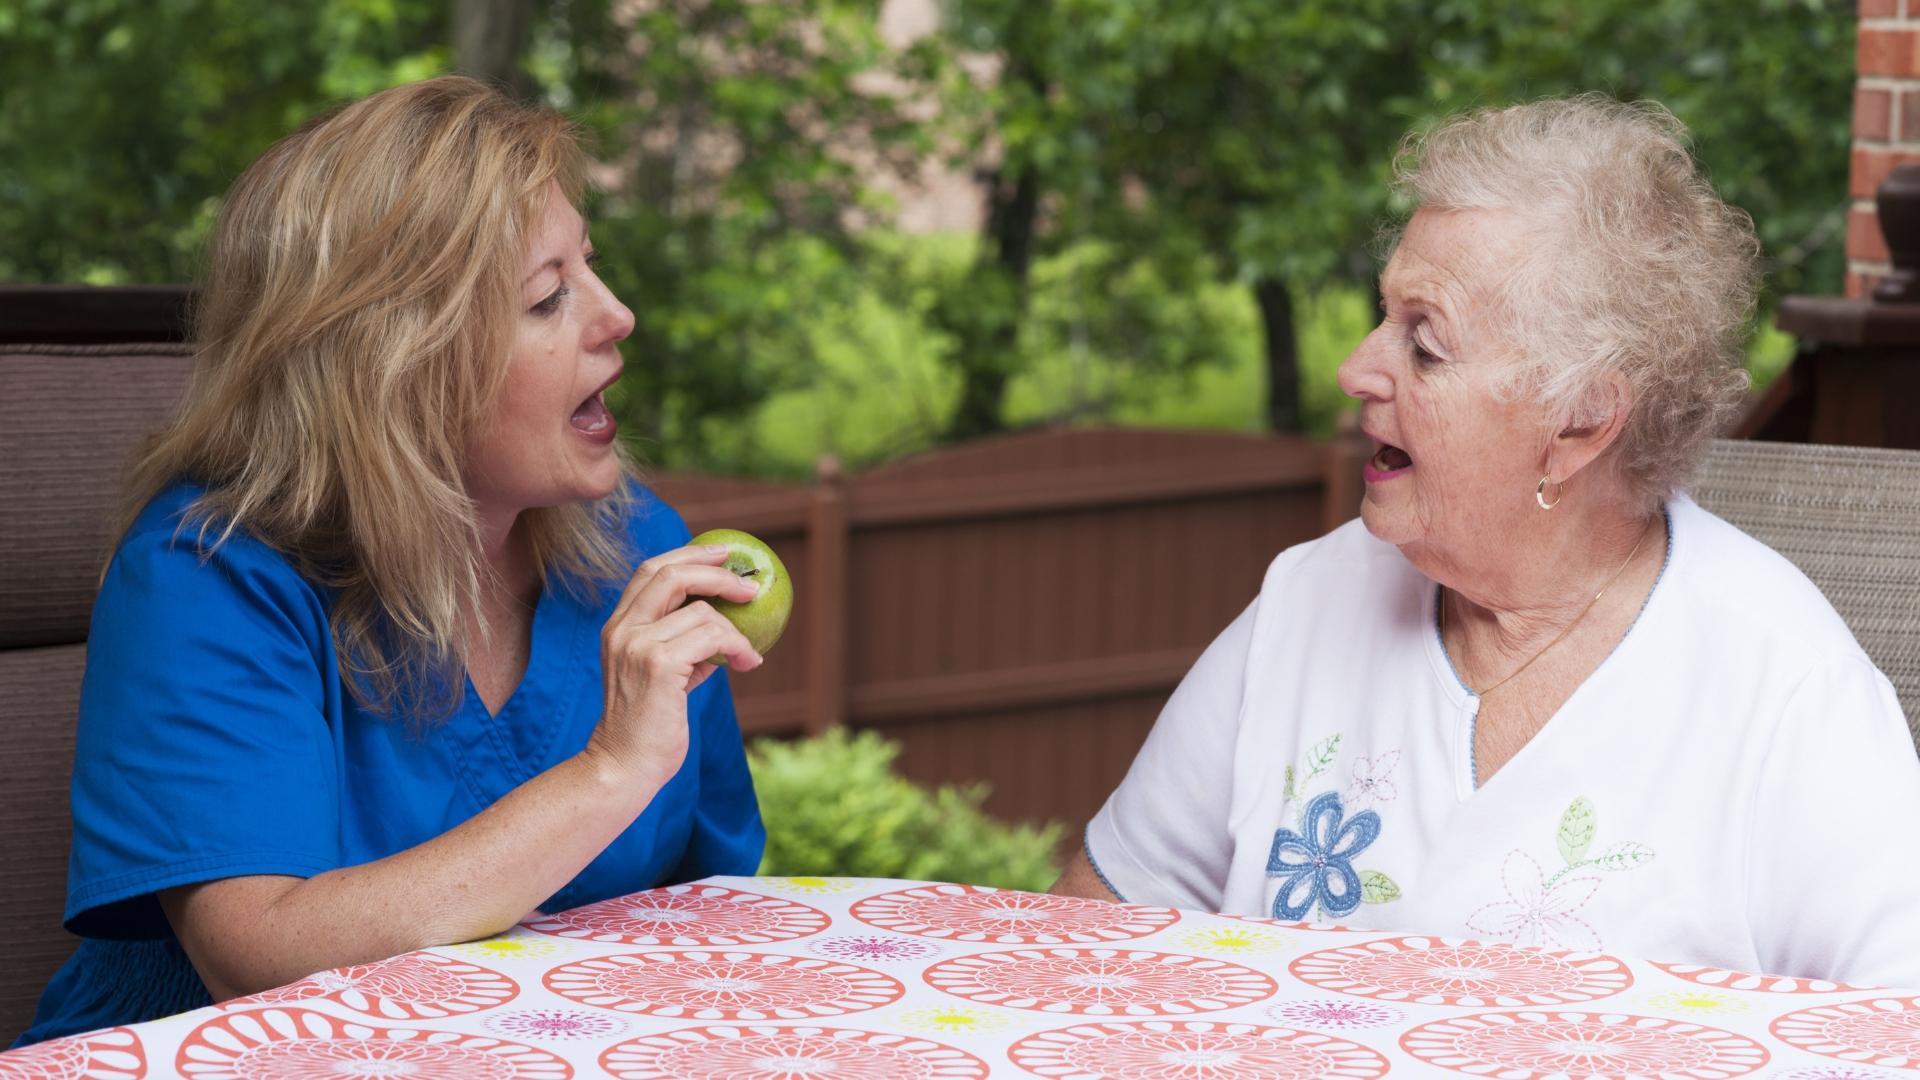 Забывчивость назвали обманчивым симптомом деменции